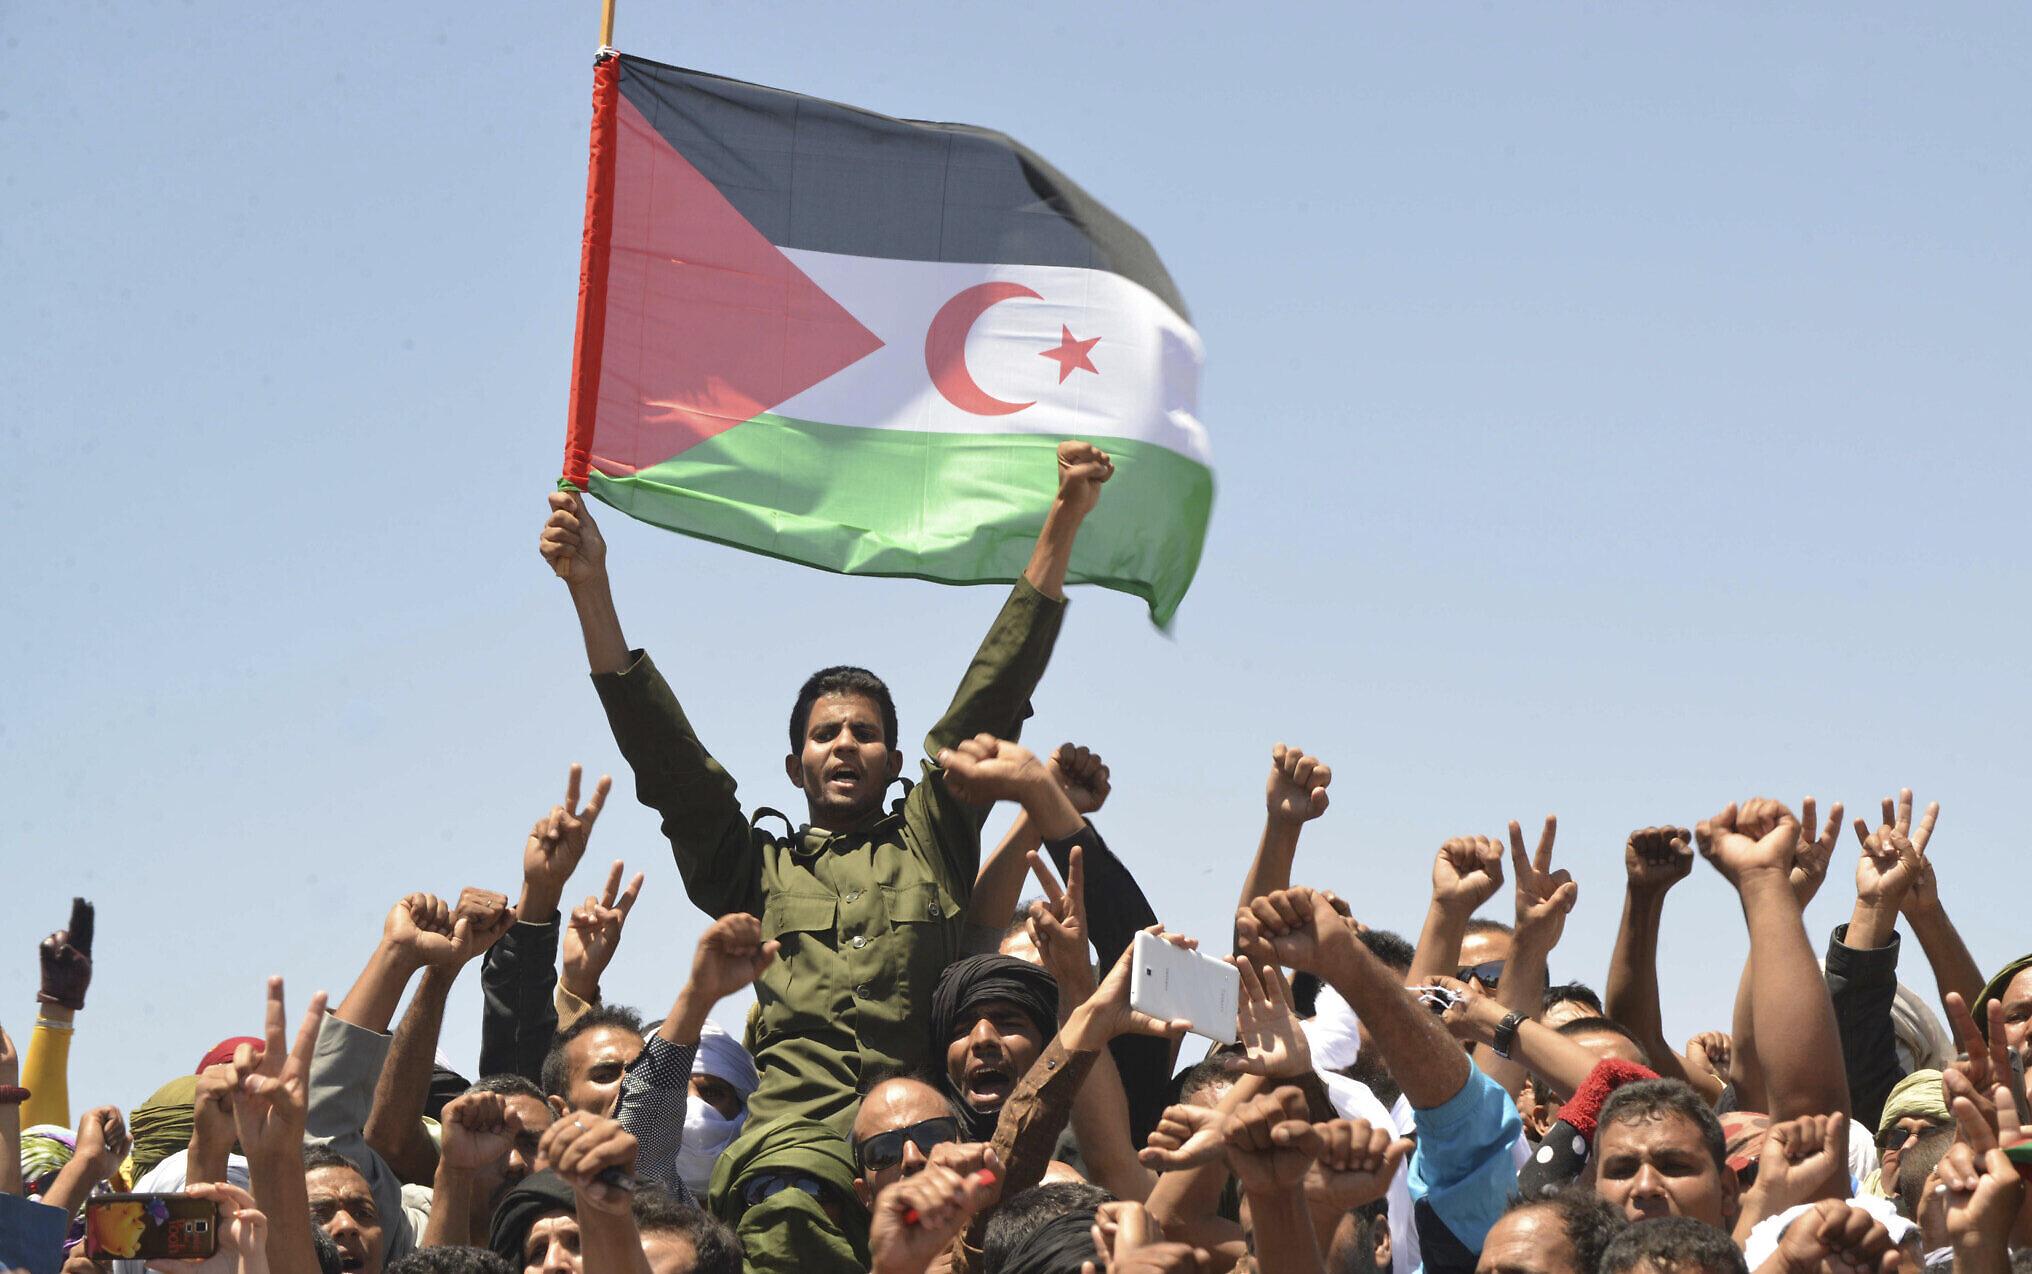 صورة رغم التطبيع: موقف عالمي يحرج المغرب بشأن الصحراء الغربية.. والجزائر: العـ.ـدو اقترب من حدودنا